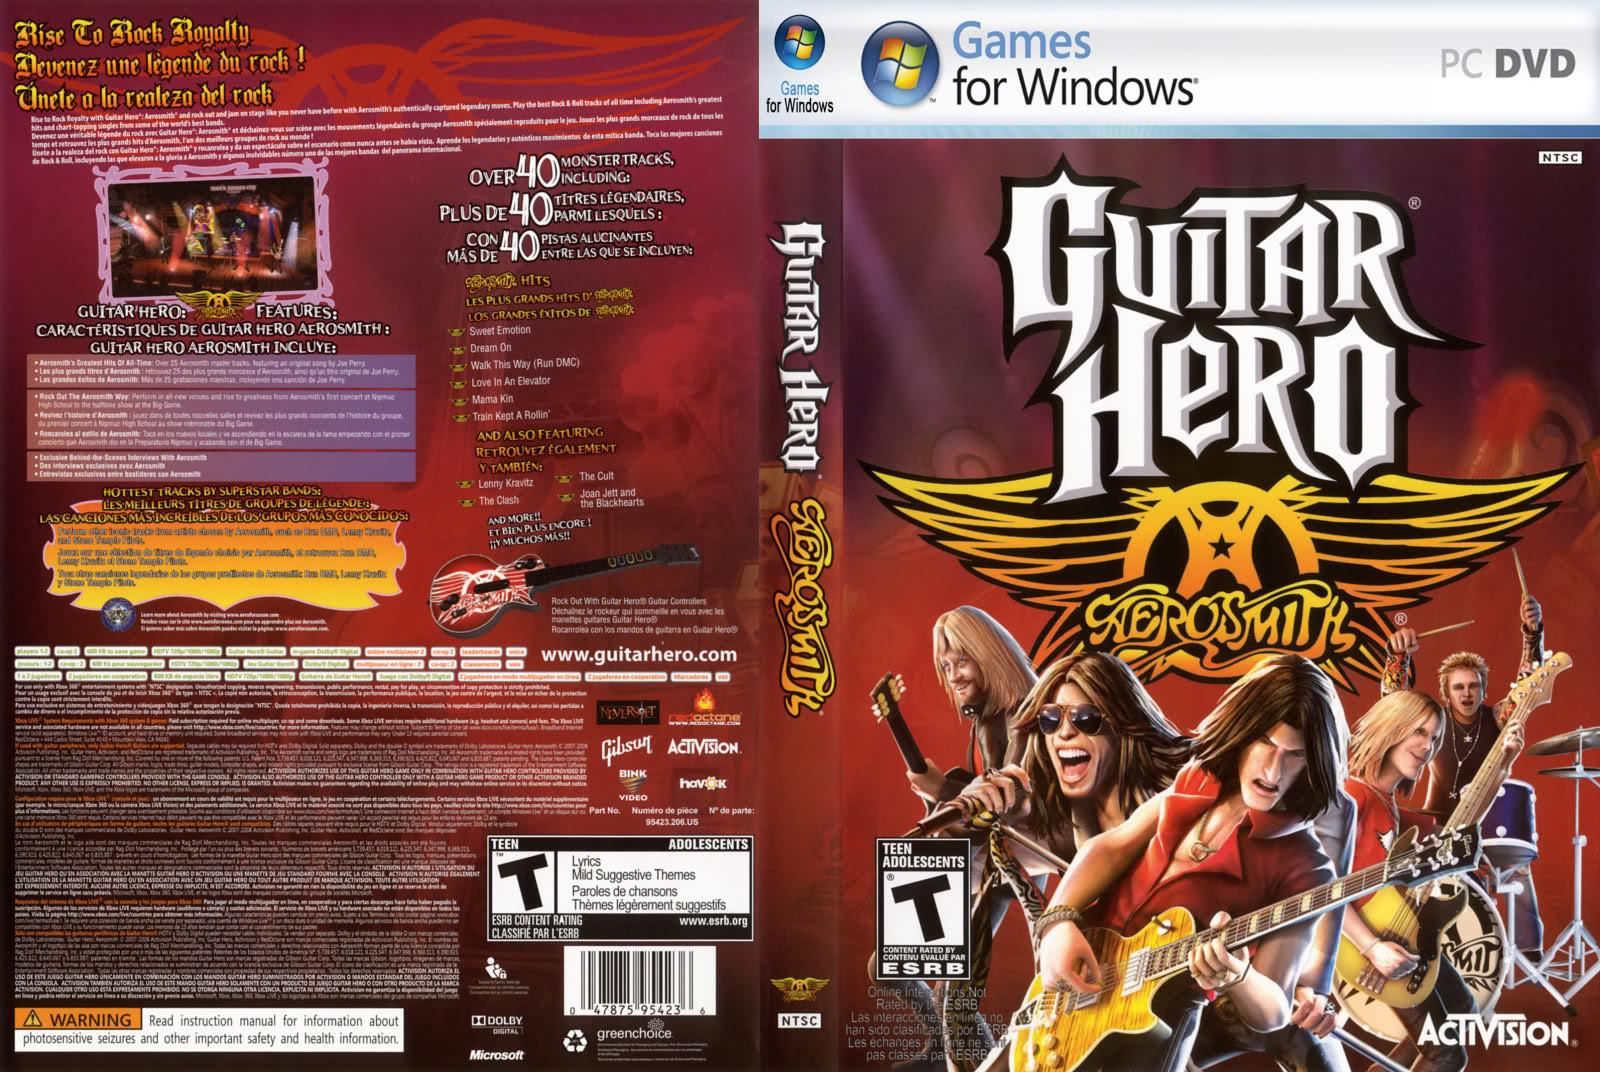 musicas para guitar hero aerosmith pc